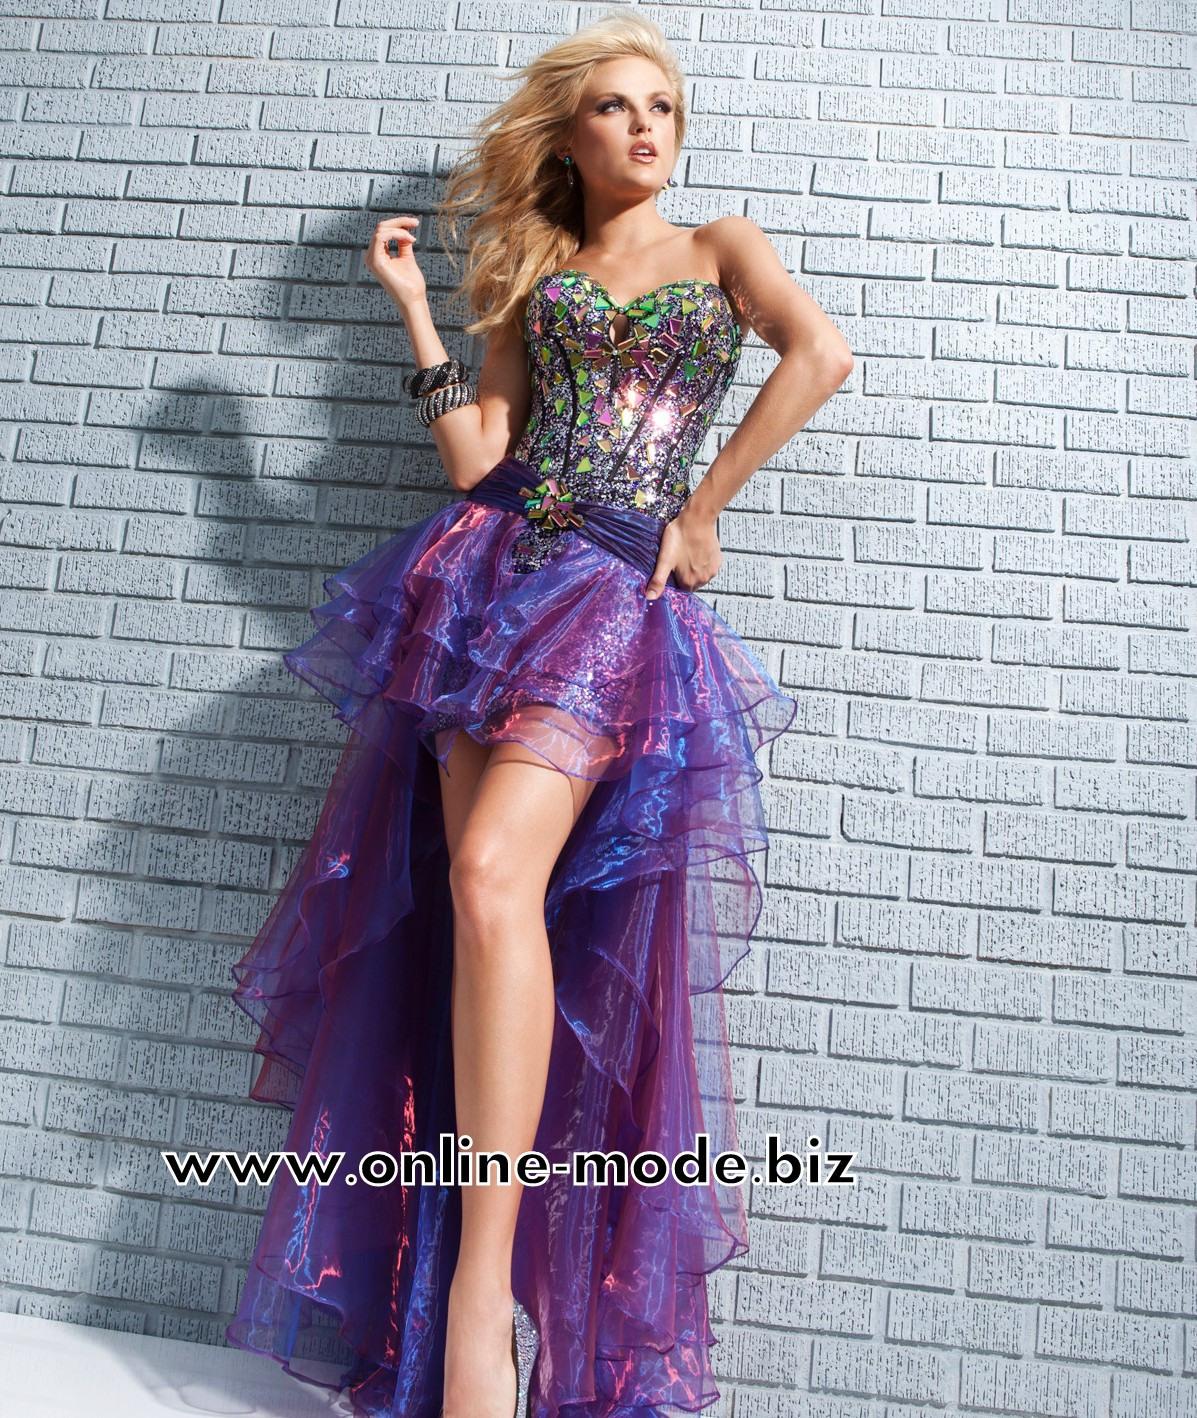 15 Fantastisch Abend-Vokuhila-Kleid ÄrmelAbend Cool Abend-Vokuhila-Kleid Ärmel